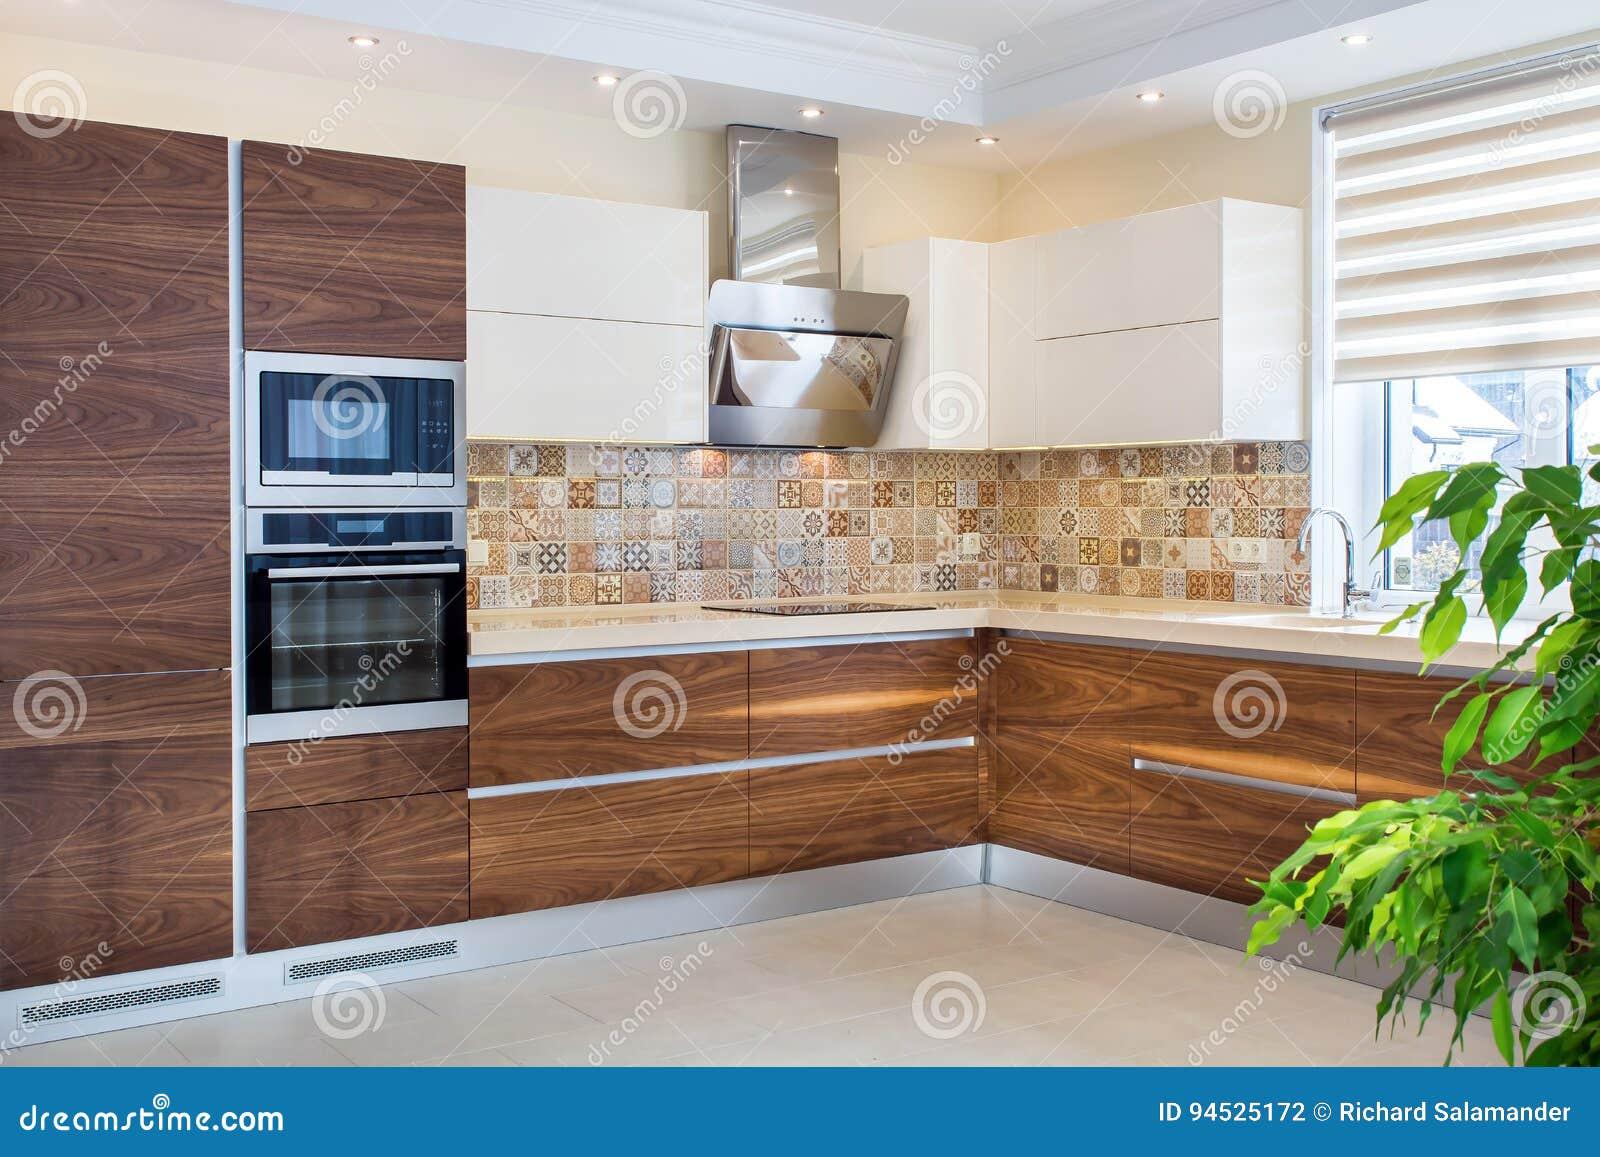 Σύγχρονο σχέδιο της κουζίνας σε ένα ελαφρύ, φωτεινό εσωτερικό